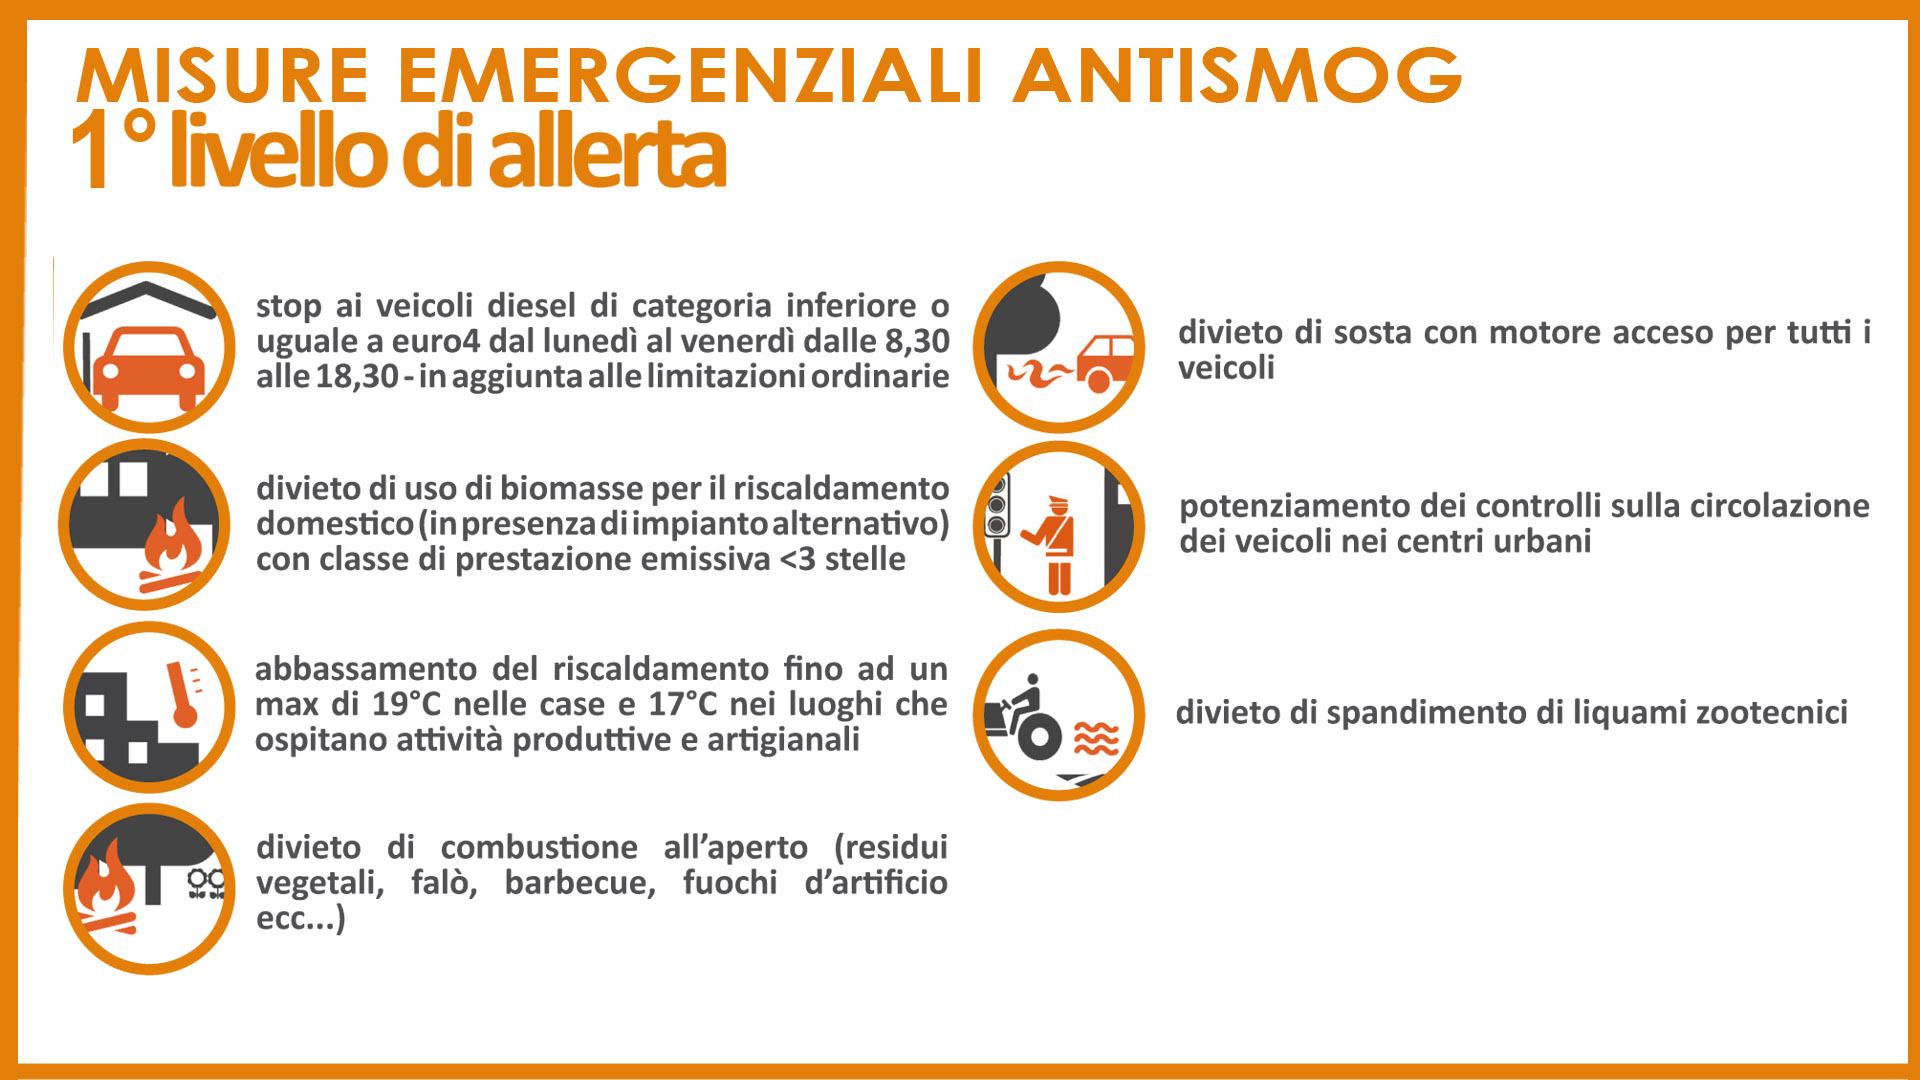 Smog, superati i limiti di PM10, da venerdì 7 dicembre scattano le misure emergenziali a Bologna, Imola e nei Comuni dell'agglomerato